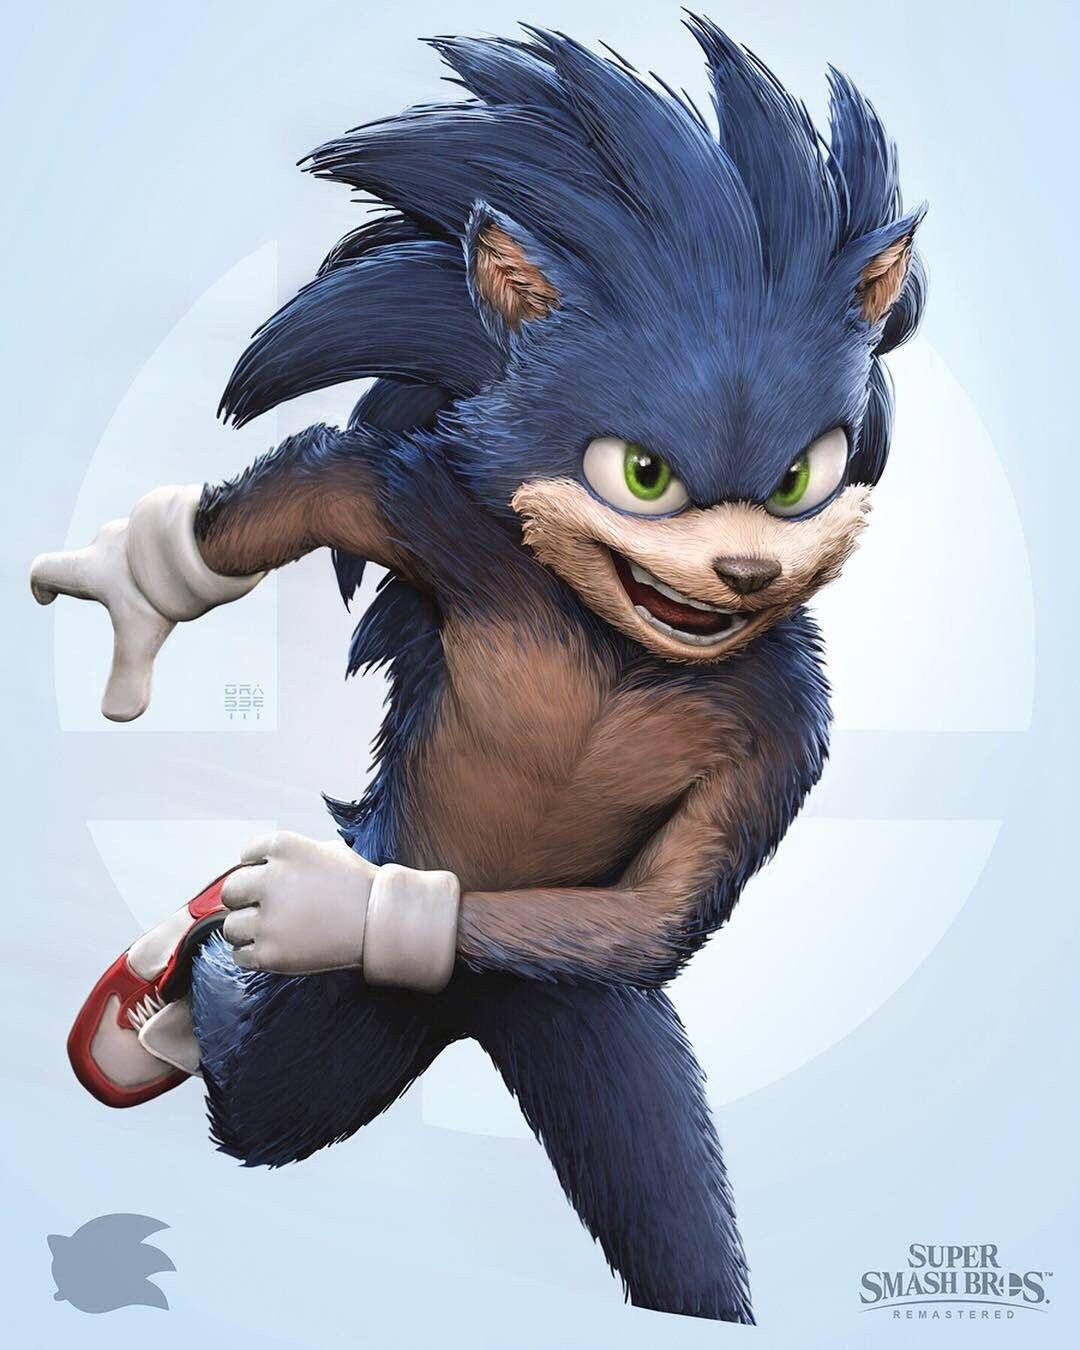 Sonic the hedgehog   Sonic <3 2   Super Smash Bros, Videojuegos